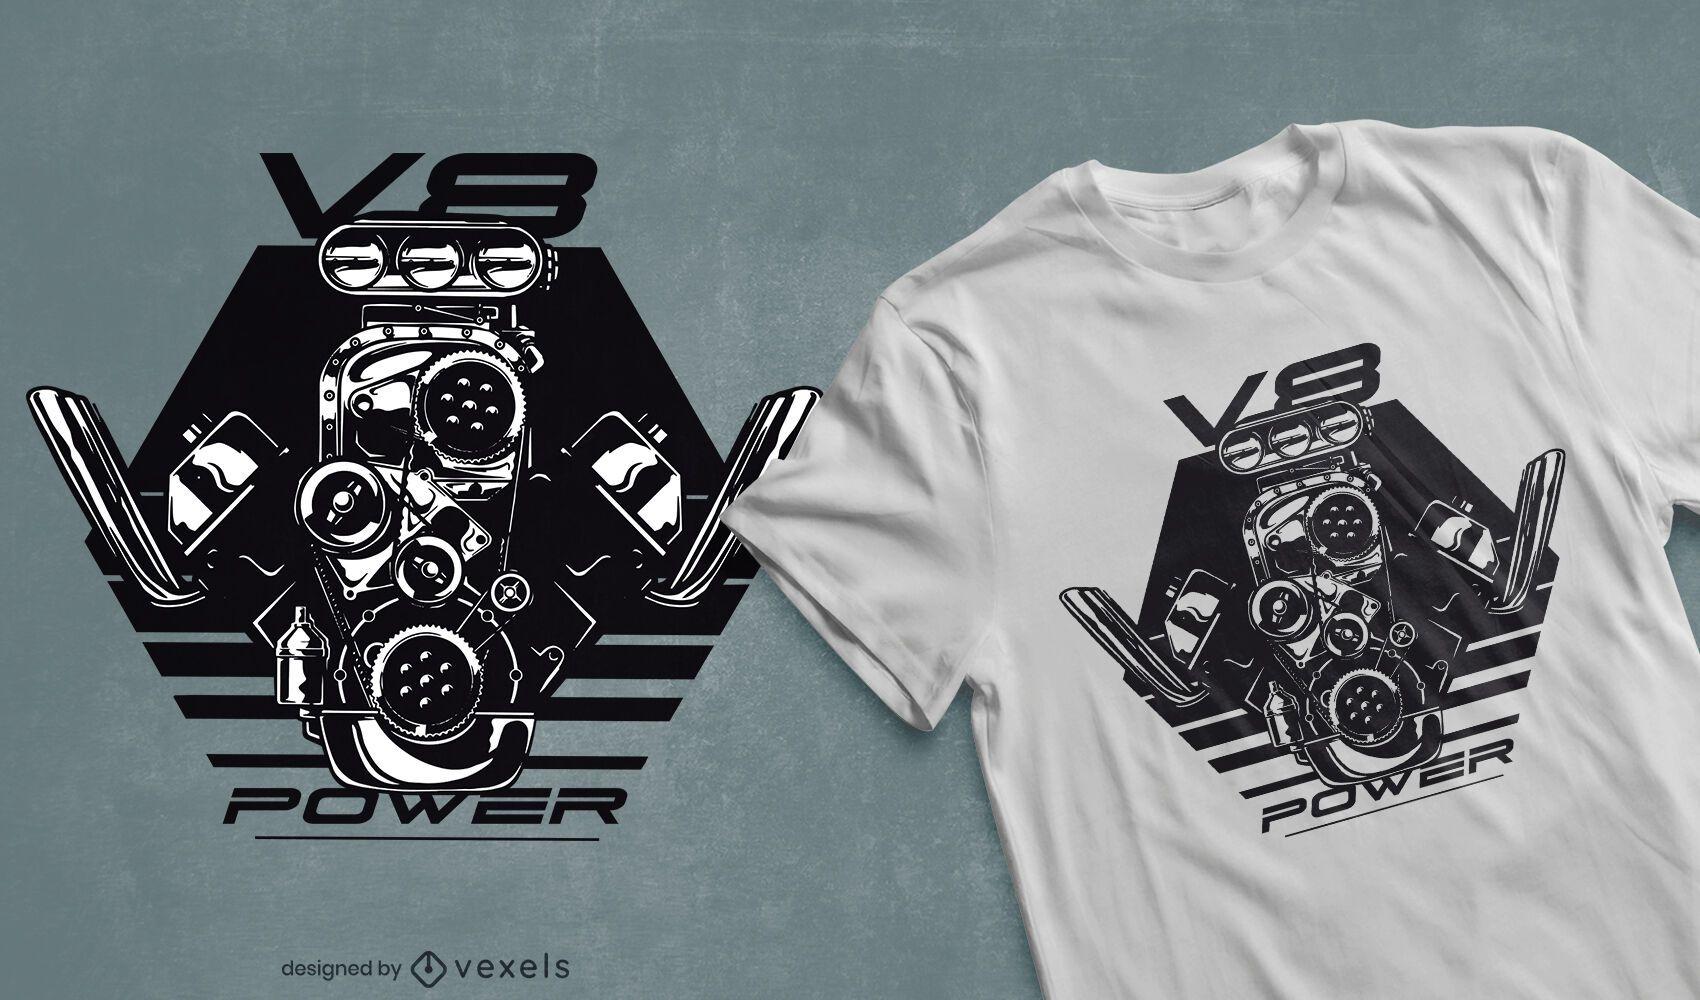 V8 Power t-shirt design